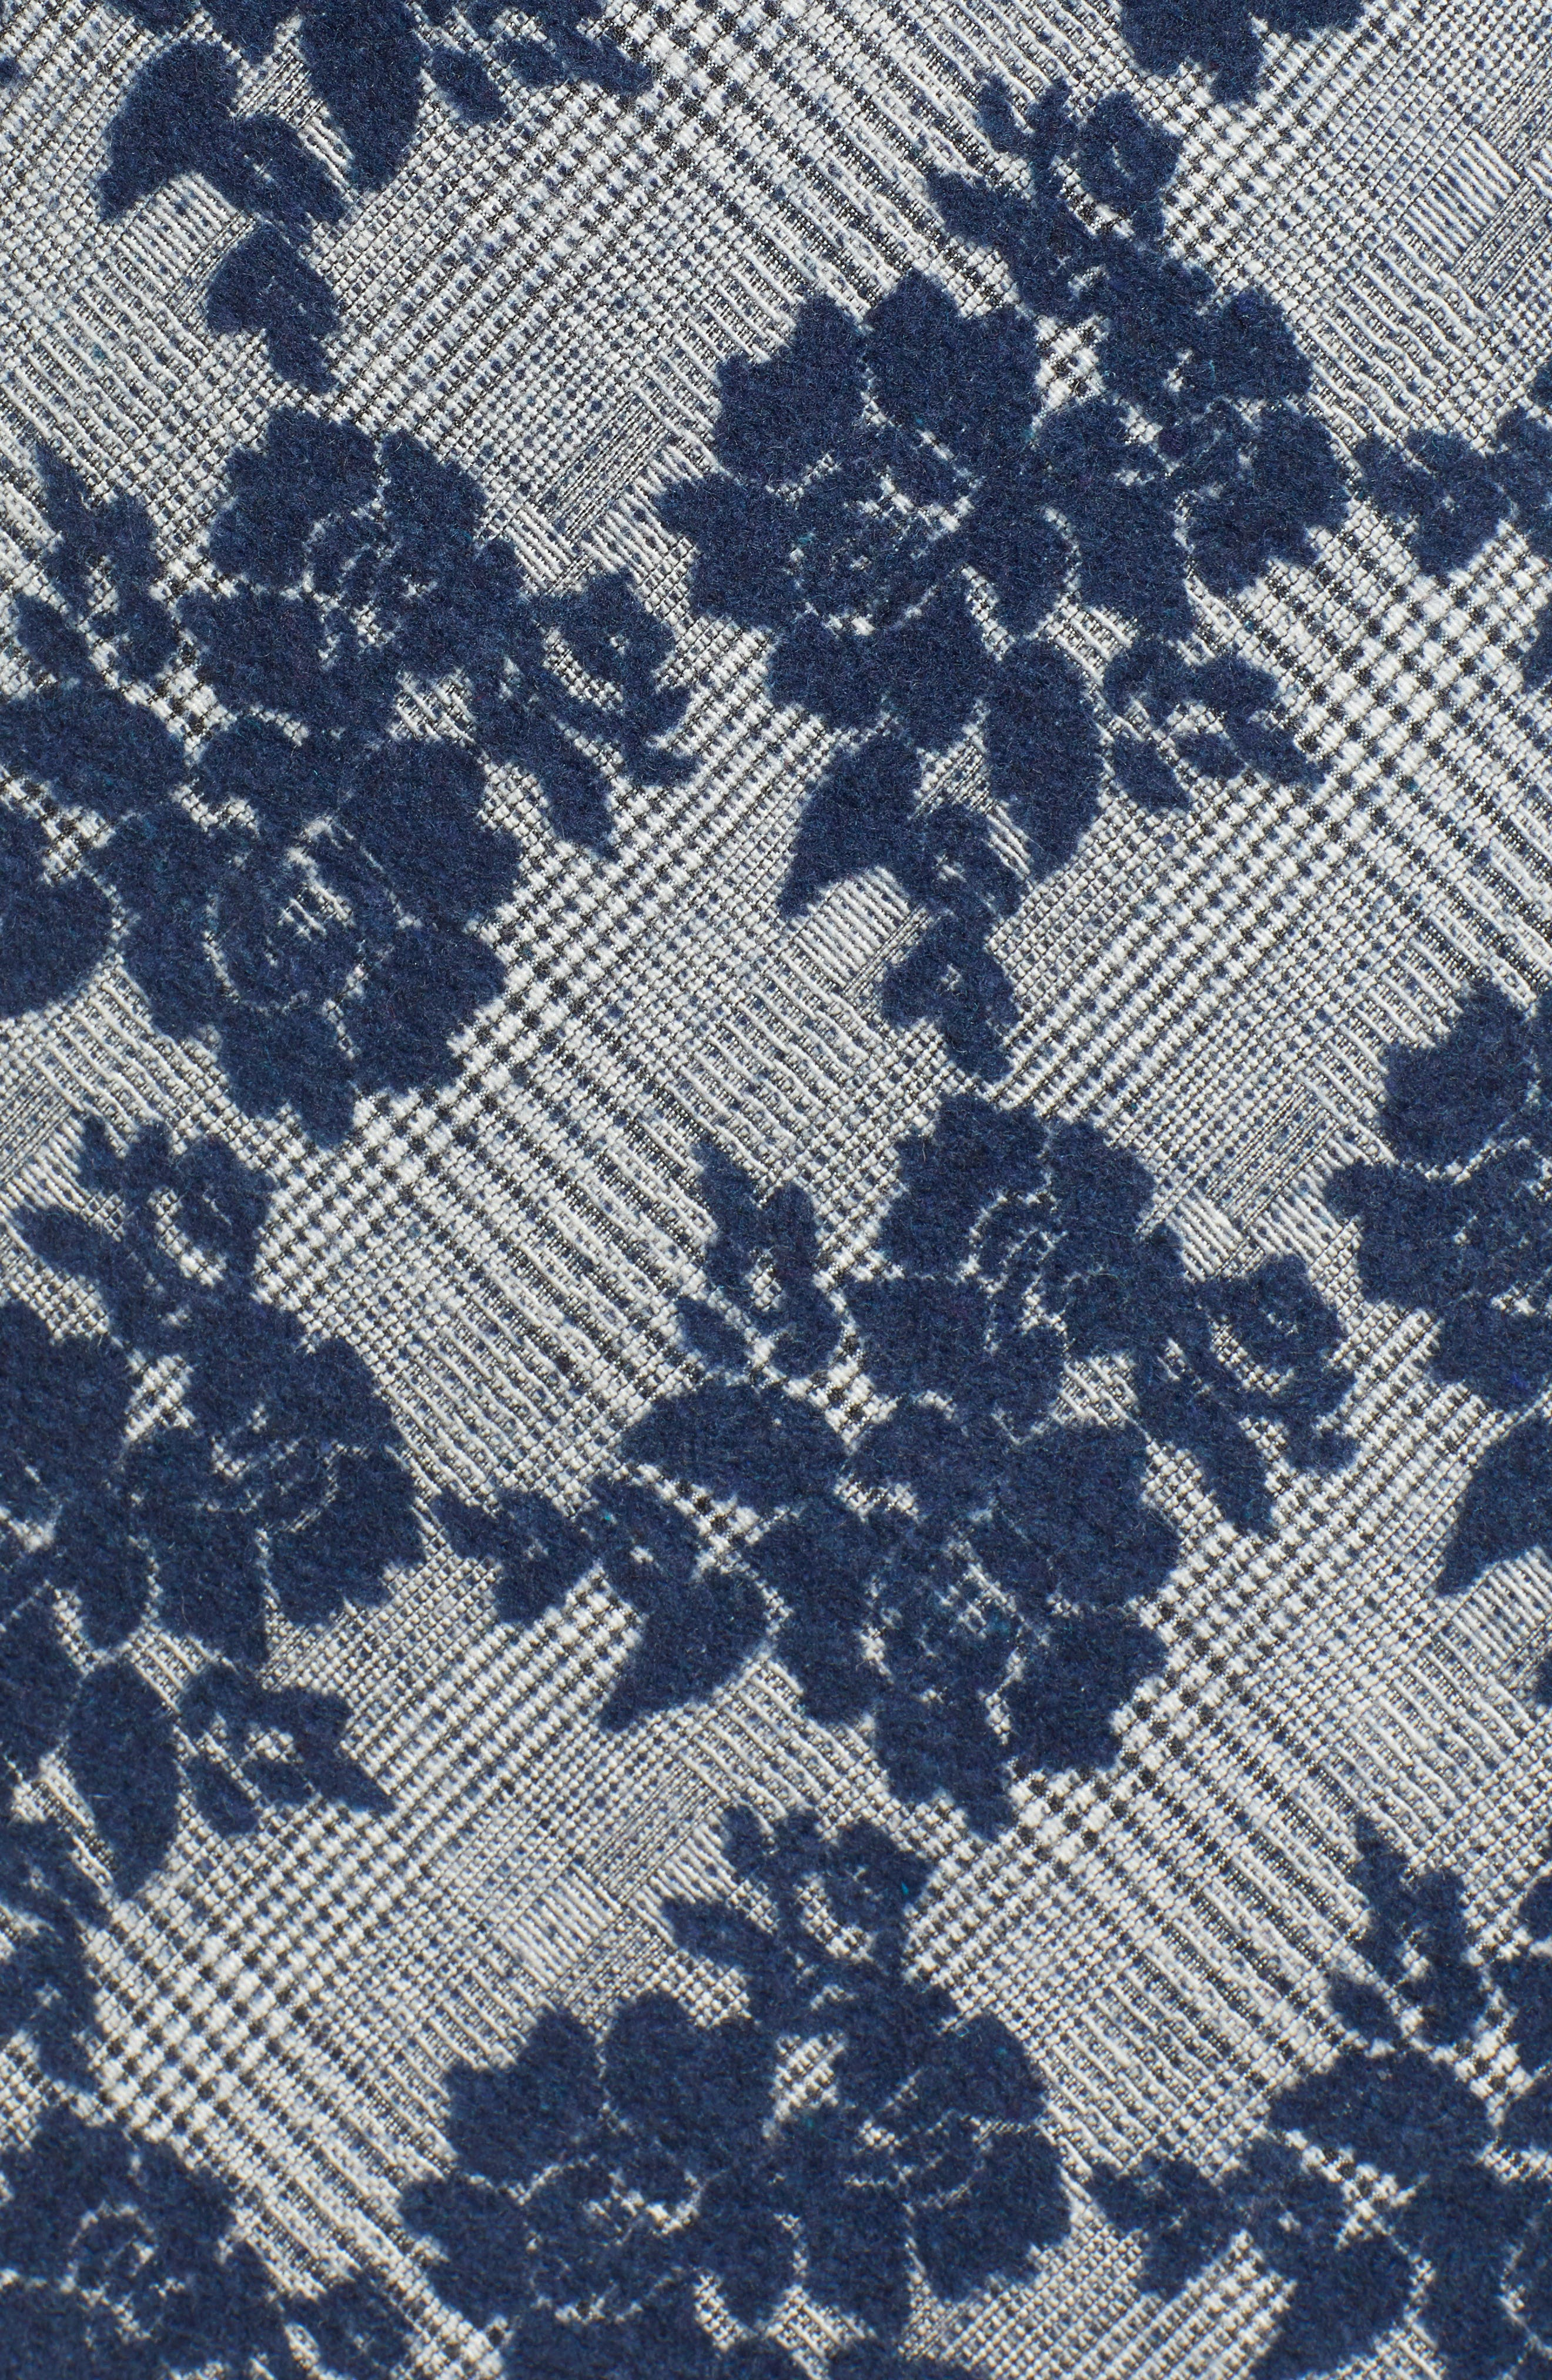 Floral Plaid Asymmetrical Skirt,                             Alternate thumbnail 5, color,                             BLUE PLAID FLORAL